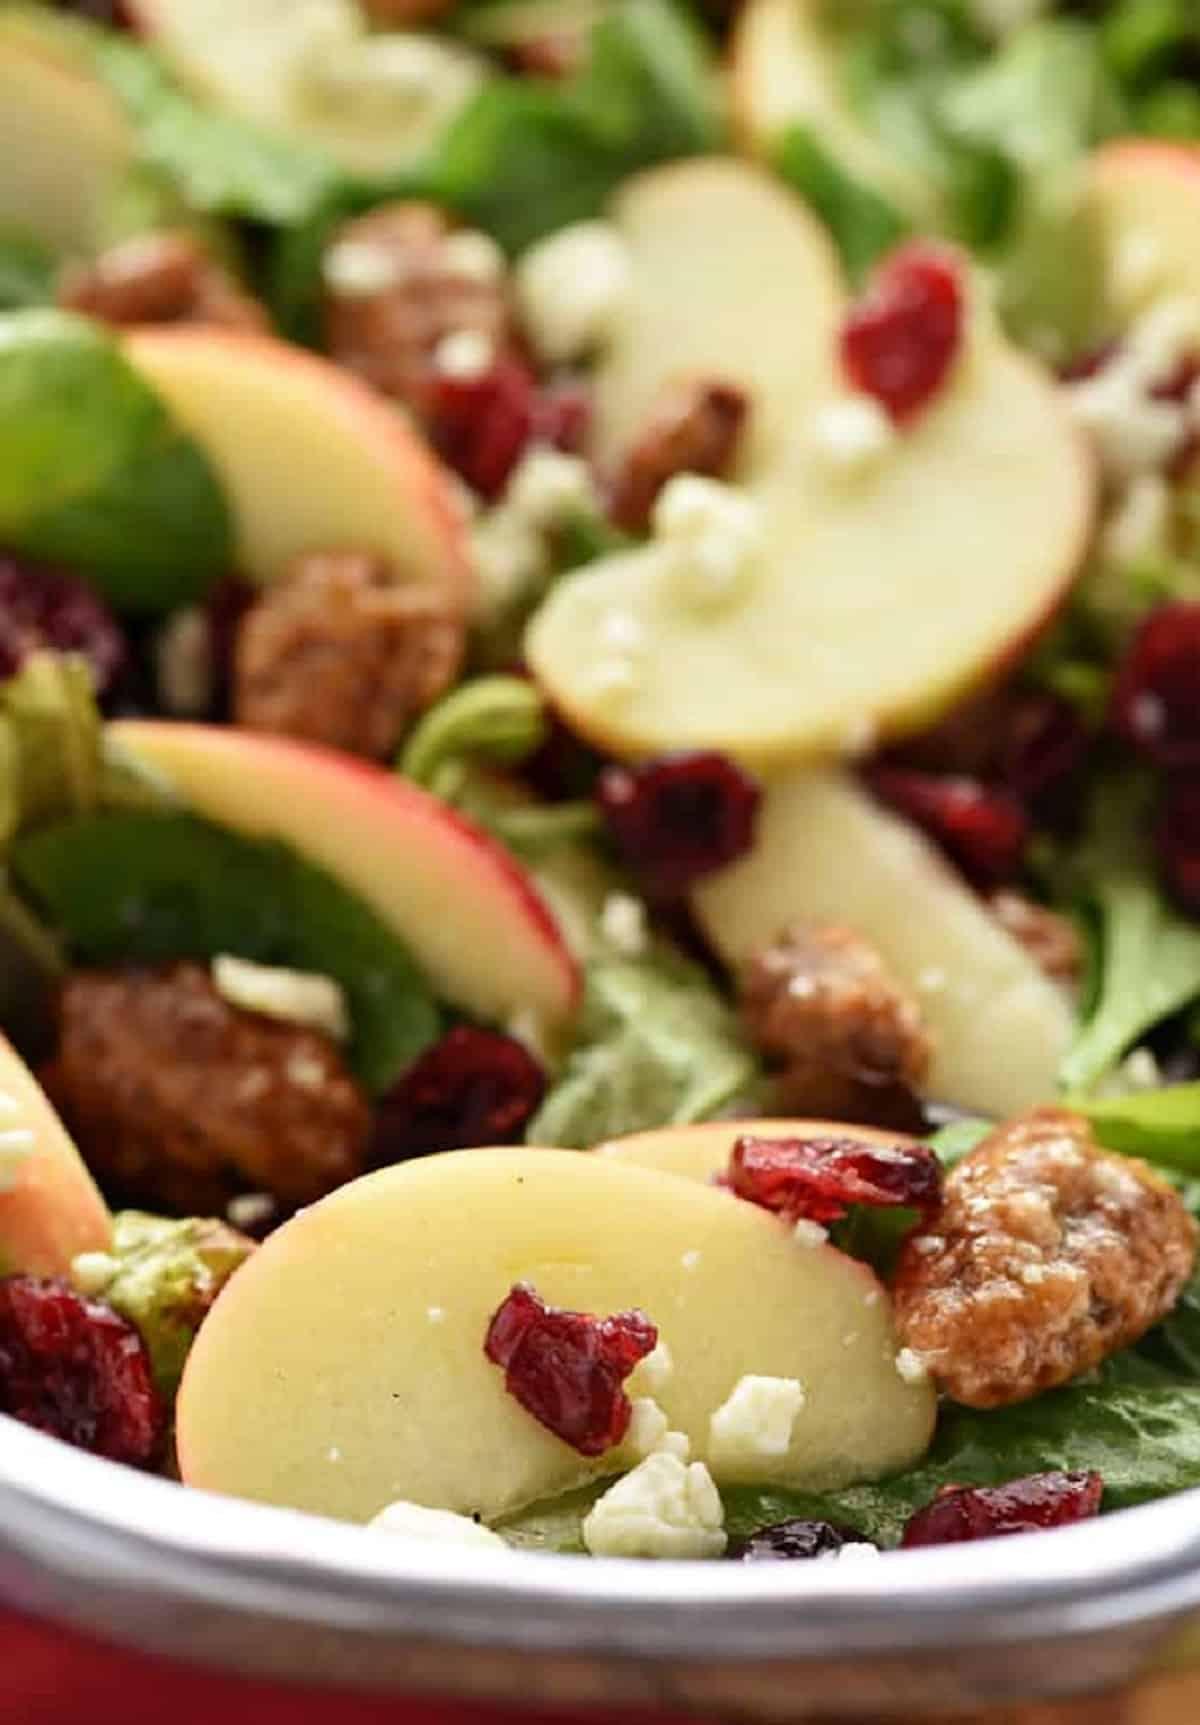 Recetas de ensaladas ligeras y saludables para Navidad 3